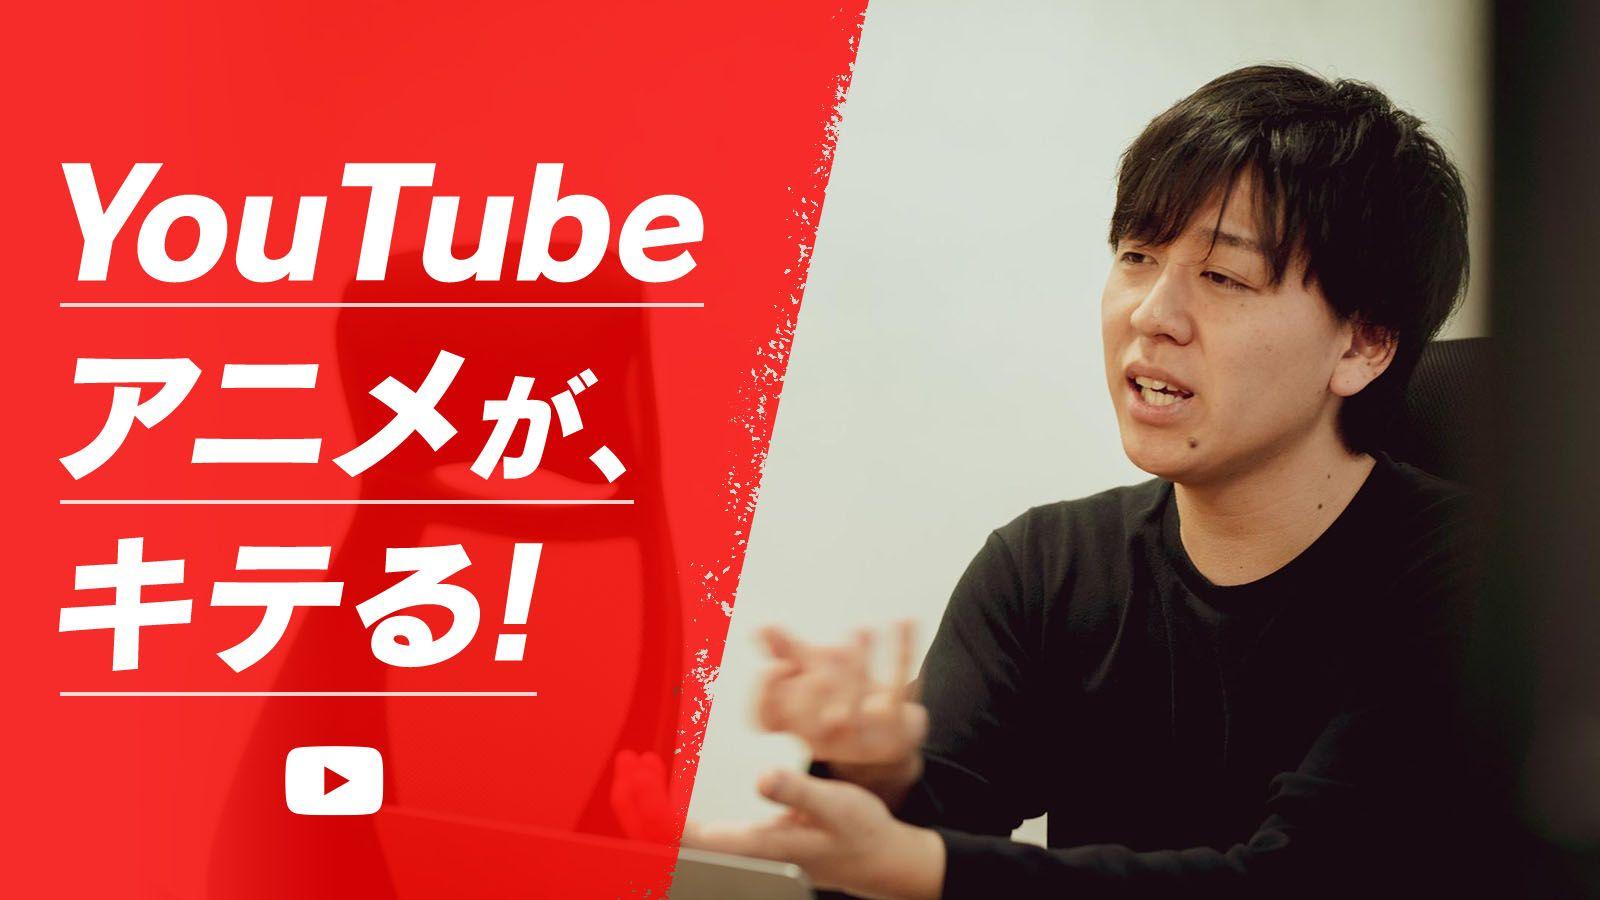 YouTubeアニメの戦い方とは?チャンネル登録61万『テイコウペンギン』仕掛人が明かすヒットの裏側